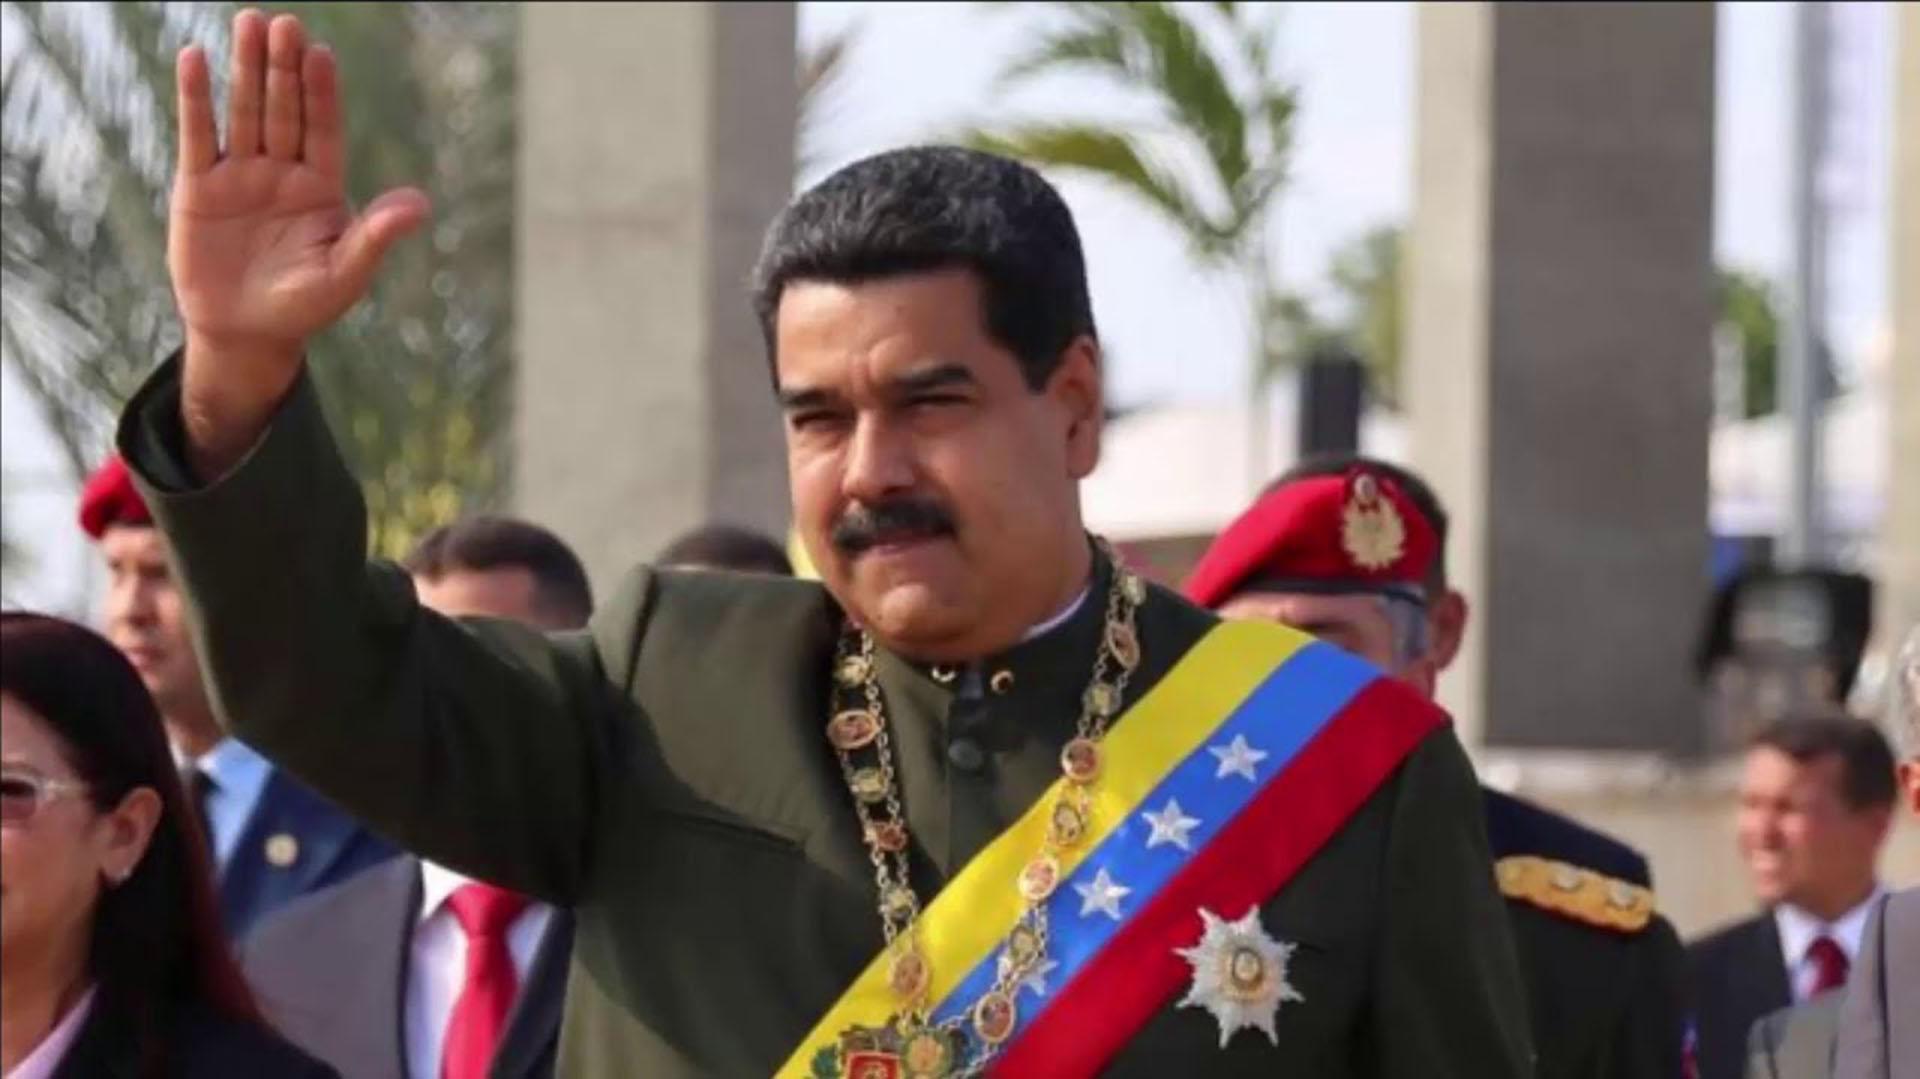 """Analistas políticos venezolanos dicen que esos dedos levantados vaticinan que le quedan 5 minutos de Gobierno, aunque en realidad significan """"Choque esos cinco"""". Al parecer, tienen un código """"Con Donald nos puteamos pero hacemos buenos negocios"""""""